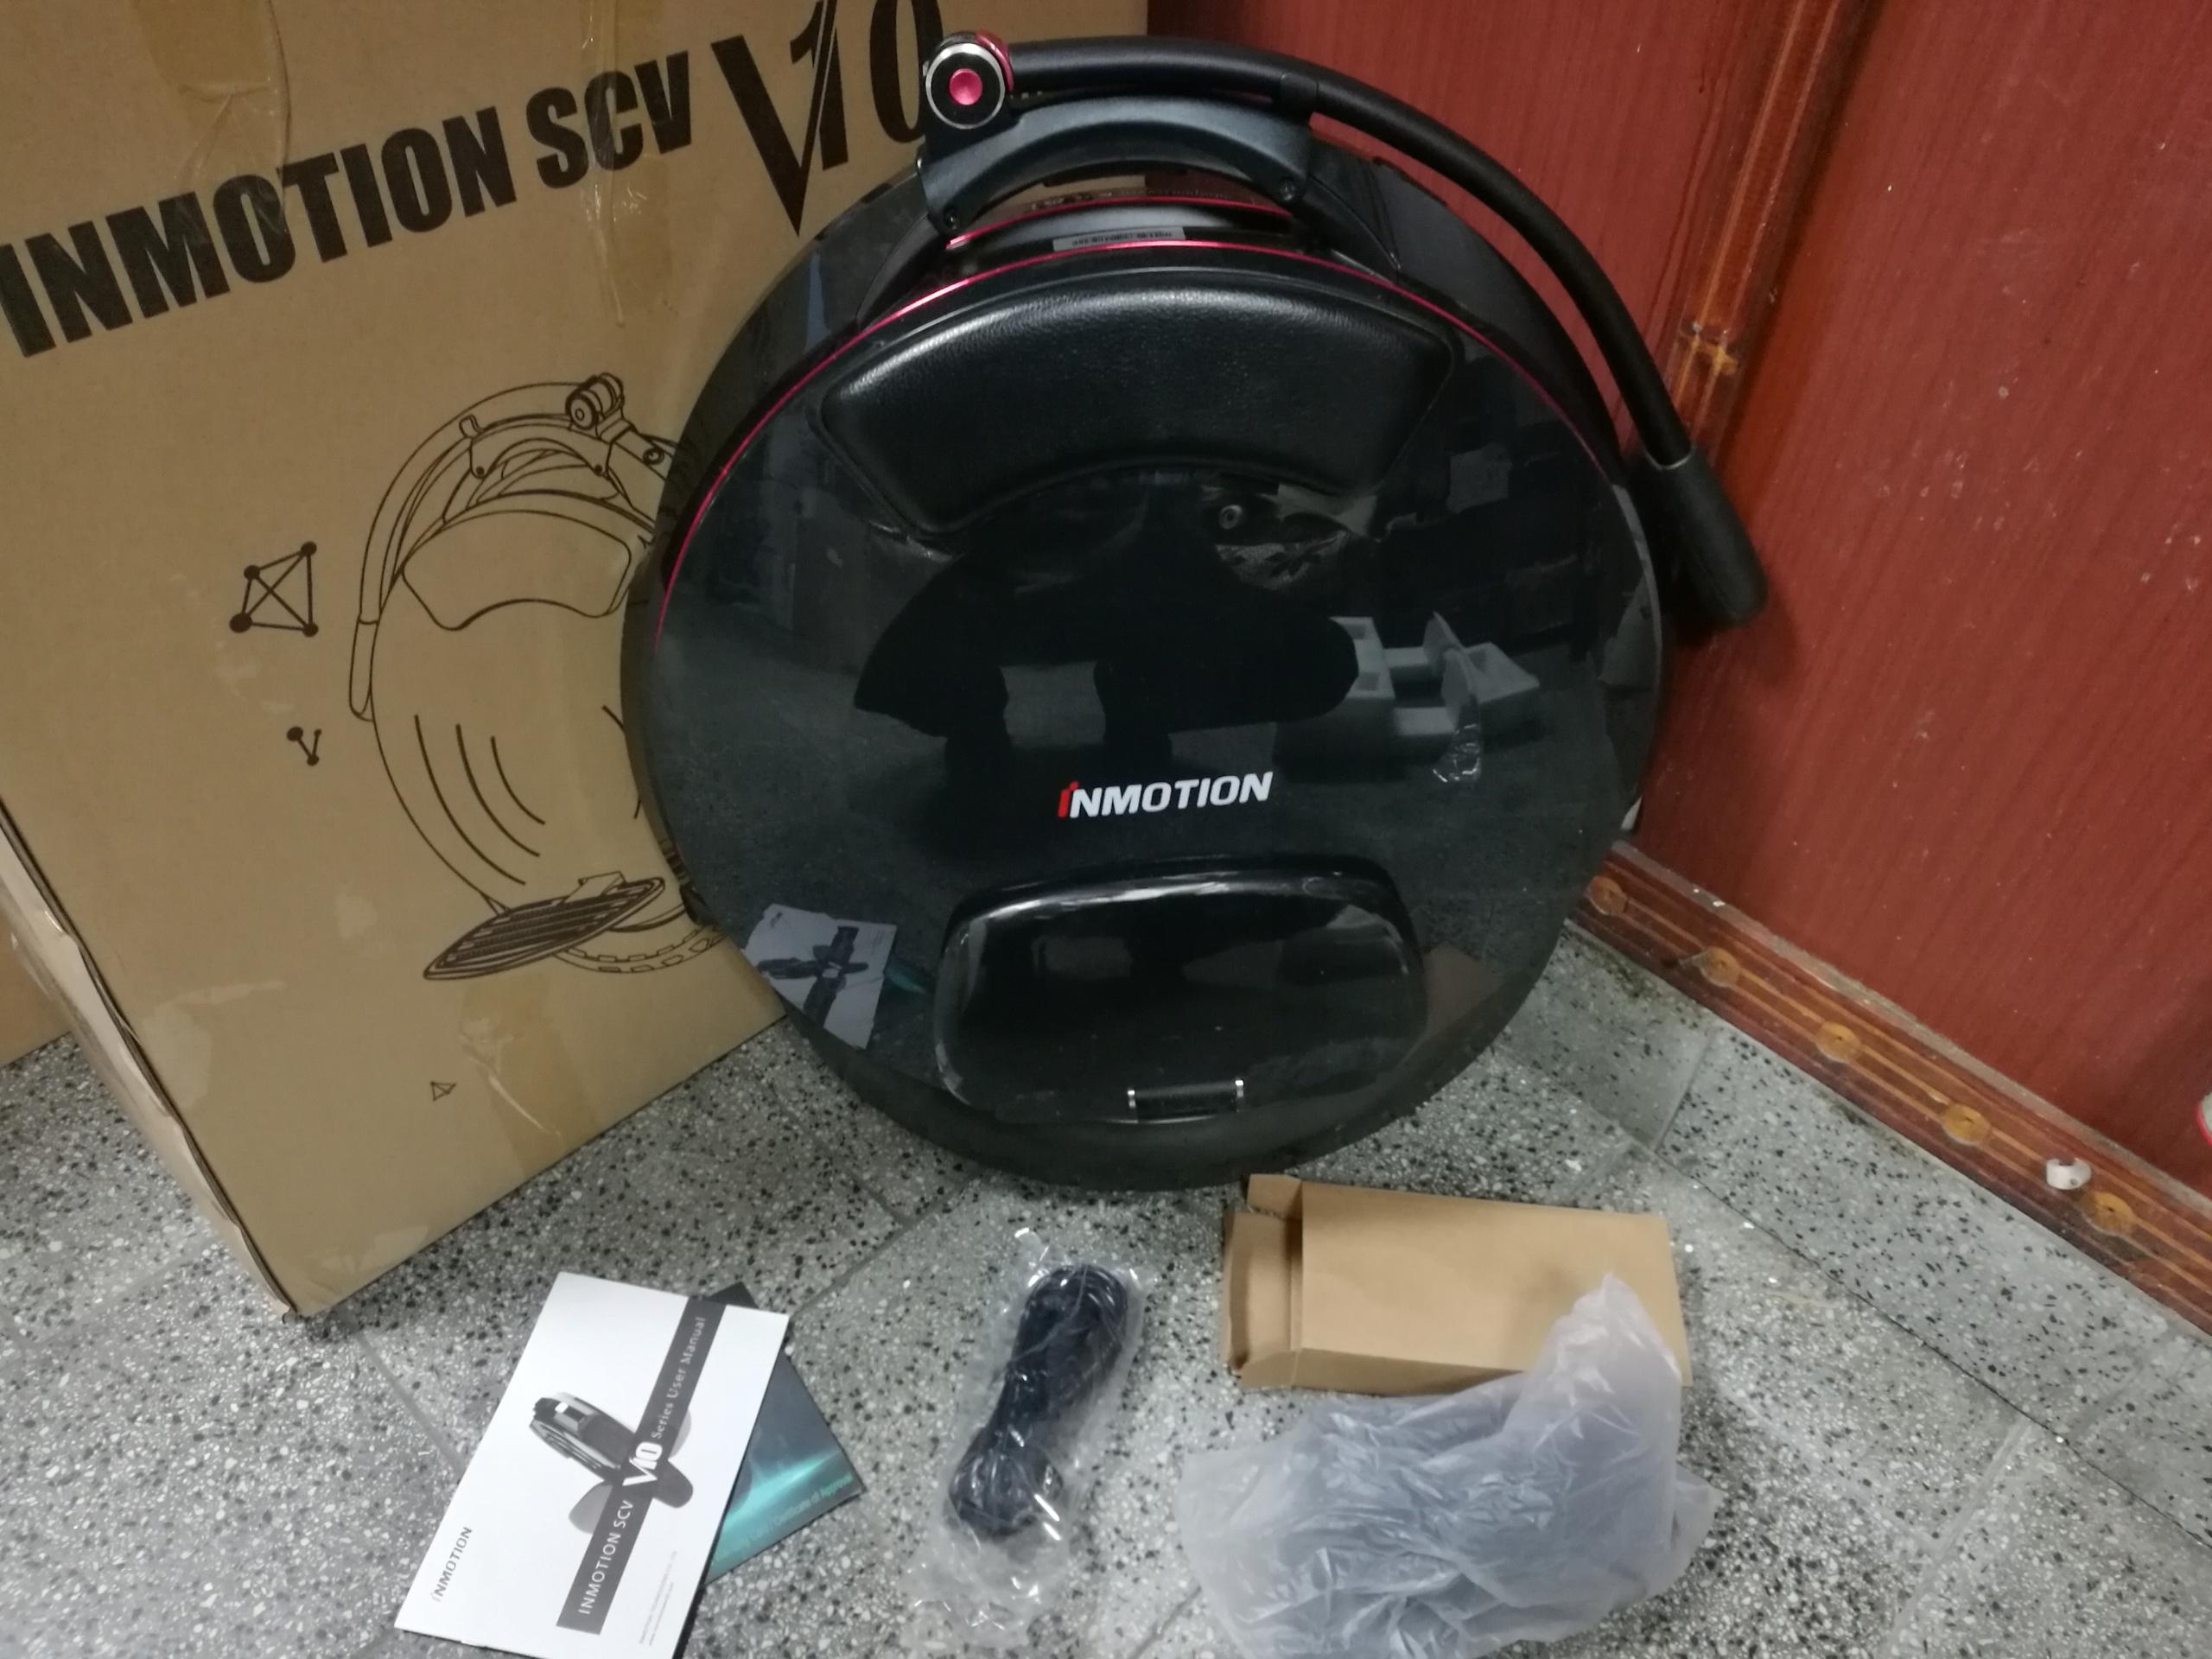 INMOTION V10F monocykl elektryczny | od 1zł - BCM